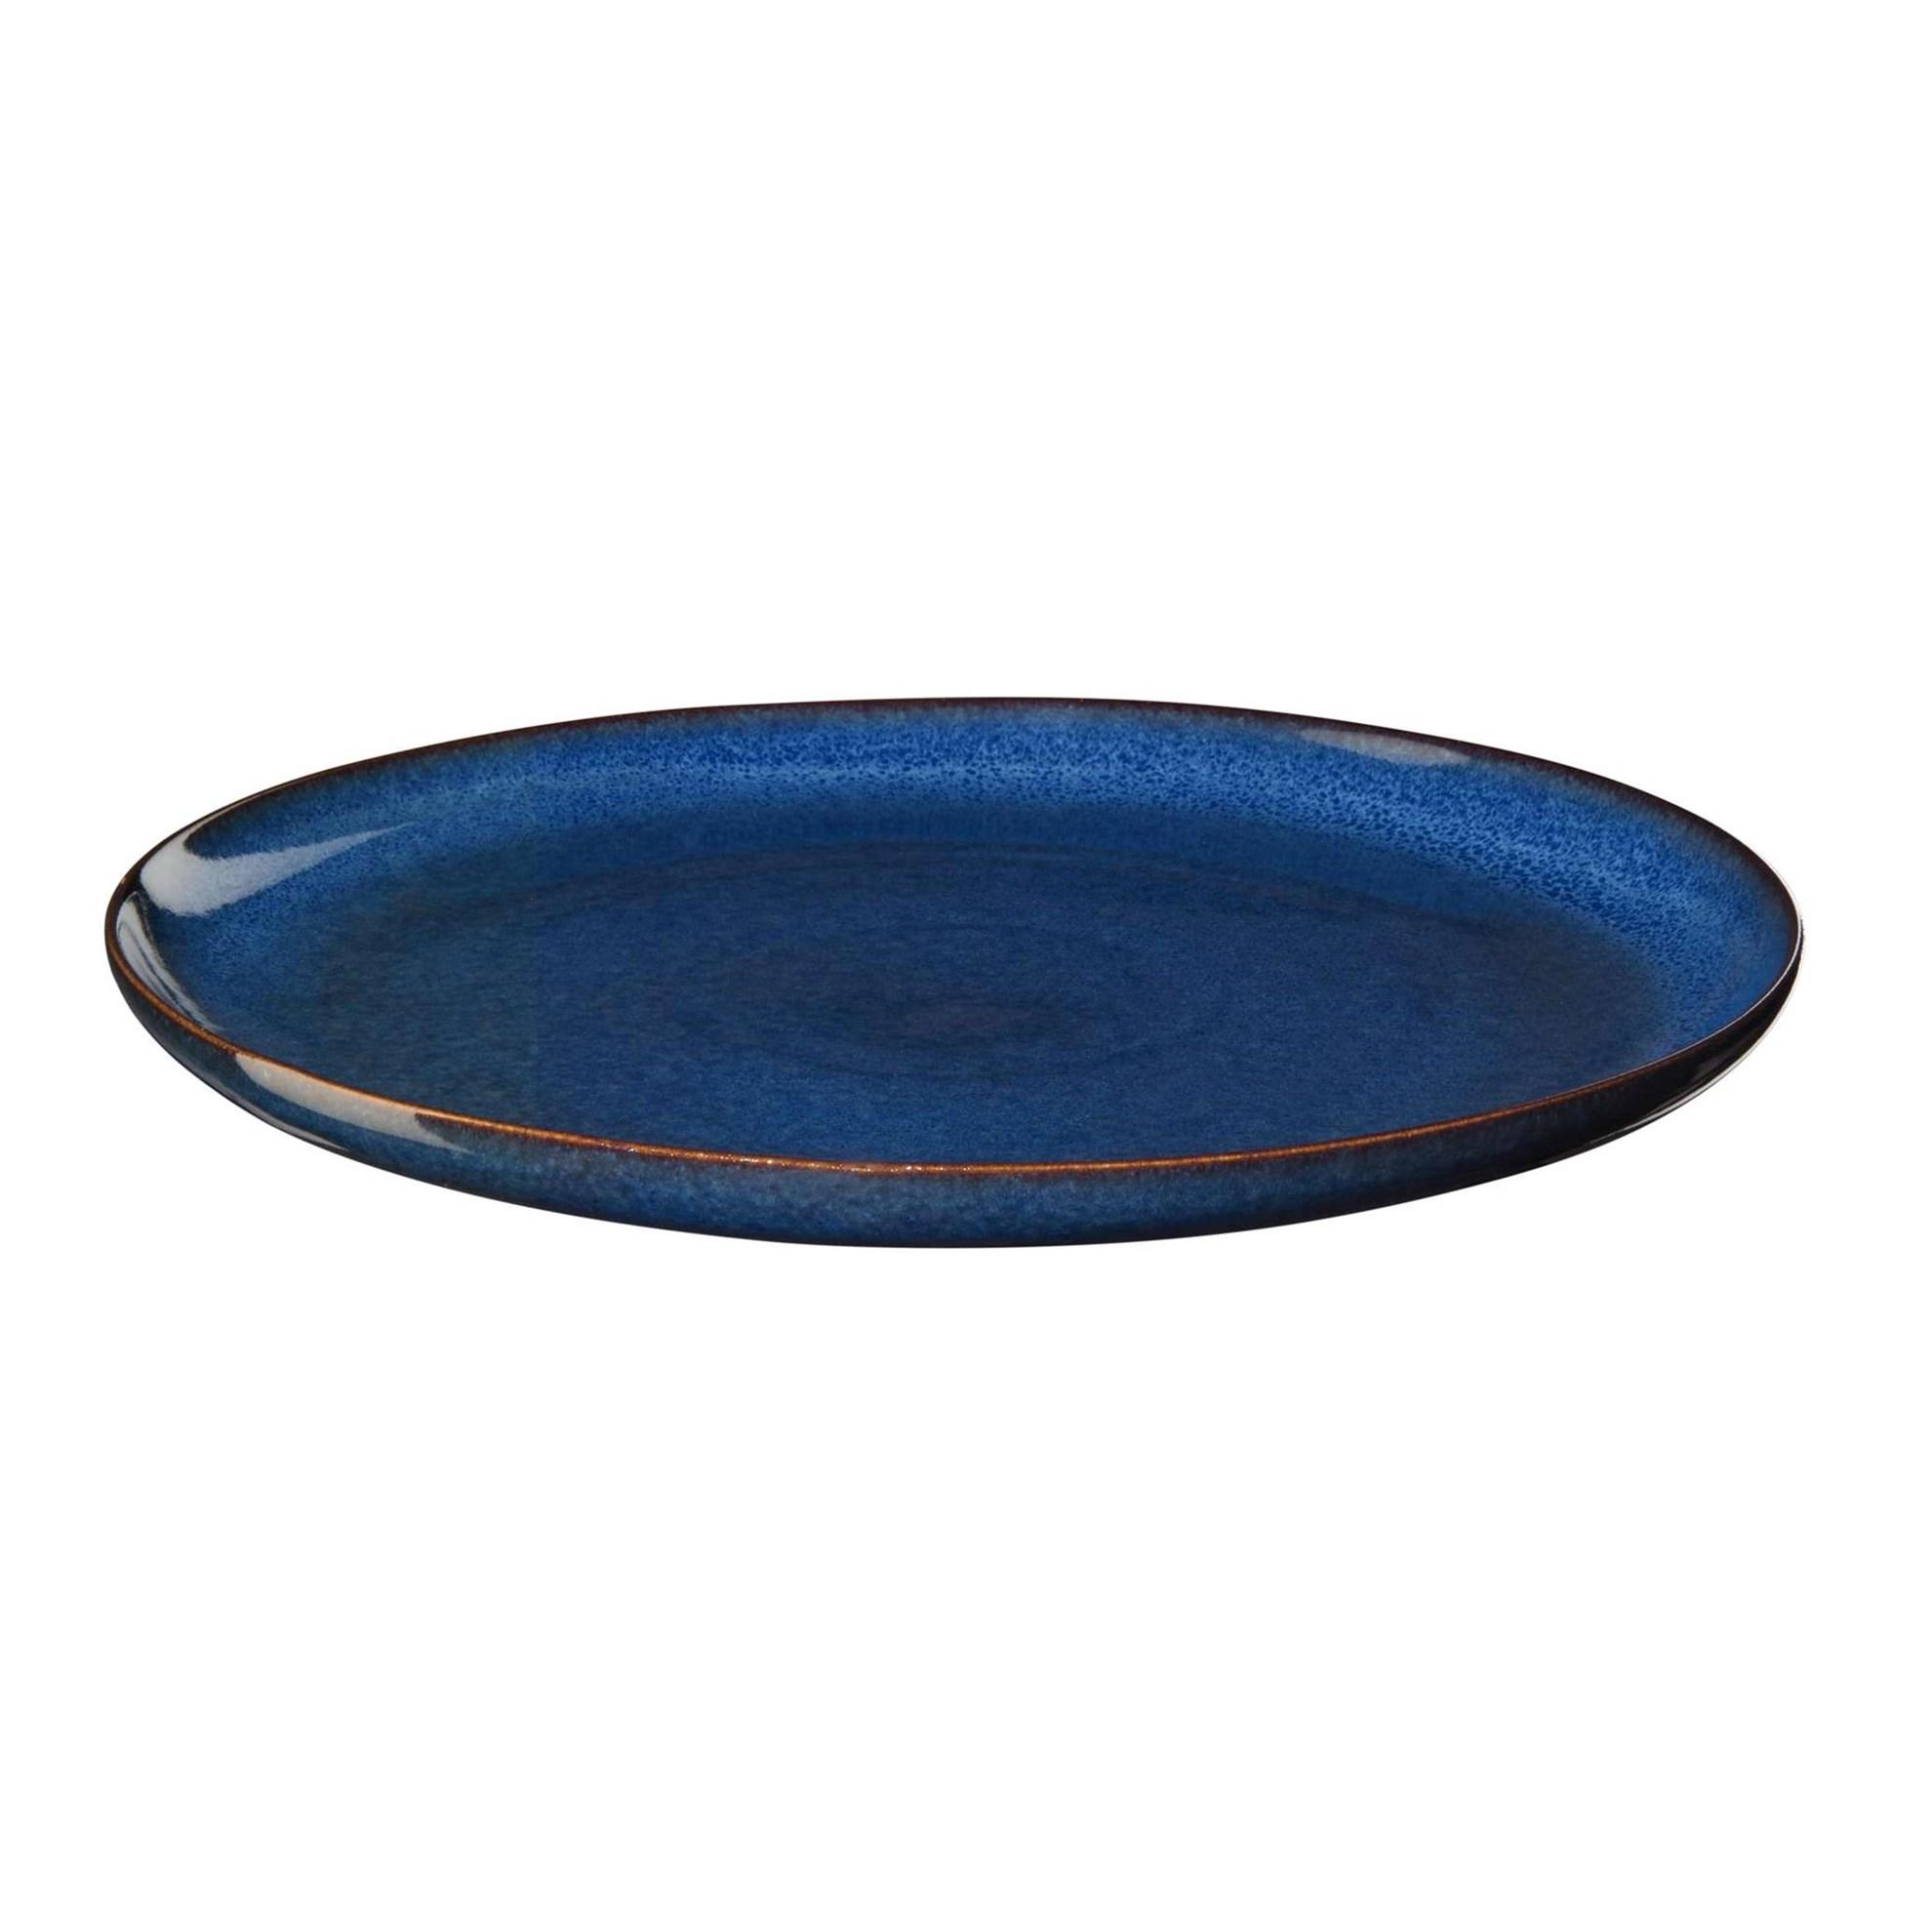 Mělký talíř SAISONS 26,5 cm blue_1